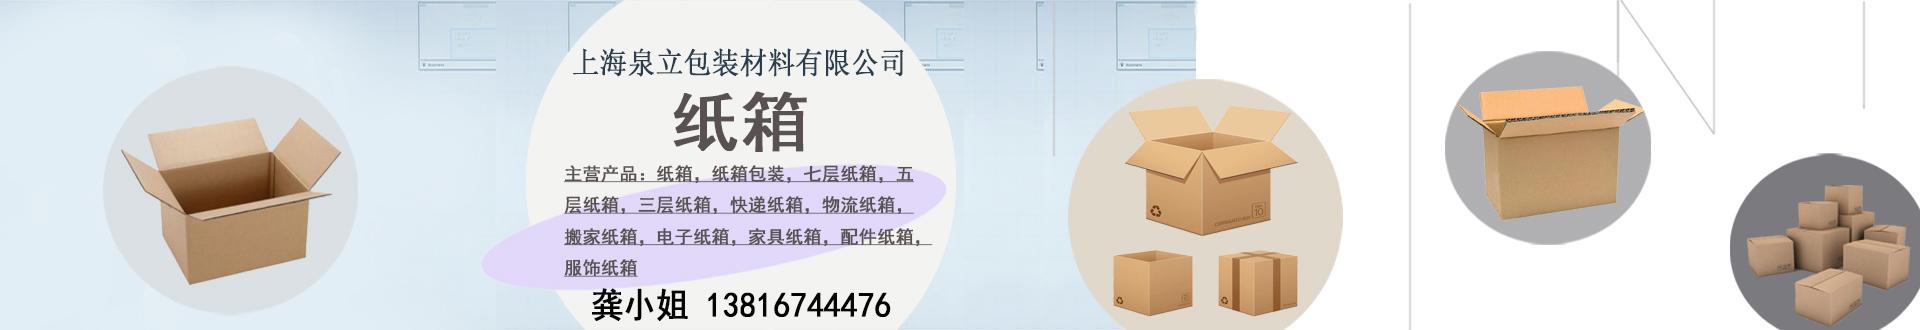 上海泉立包装材料有限公司